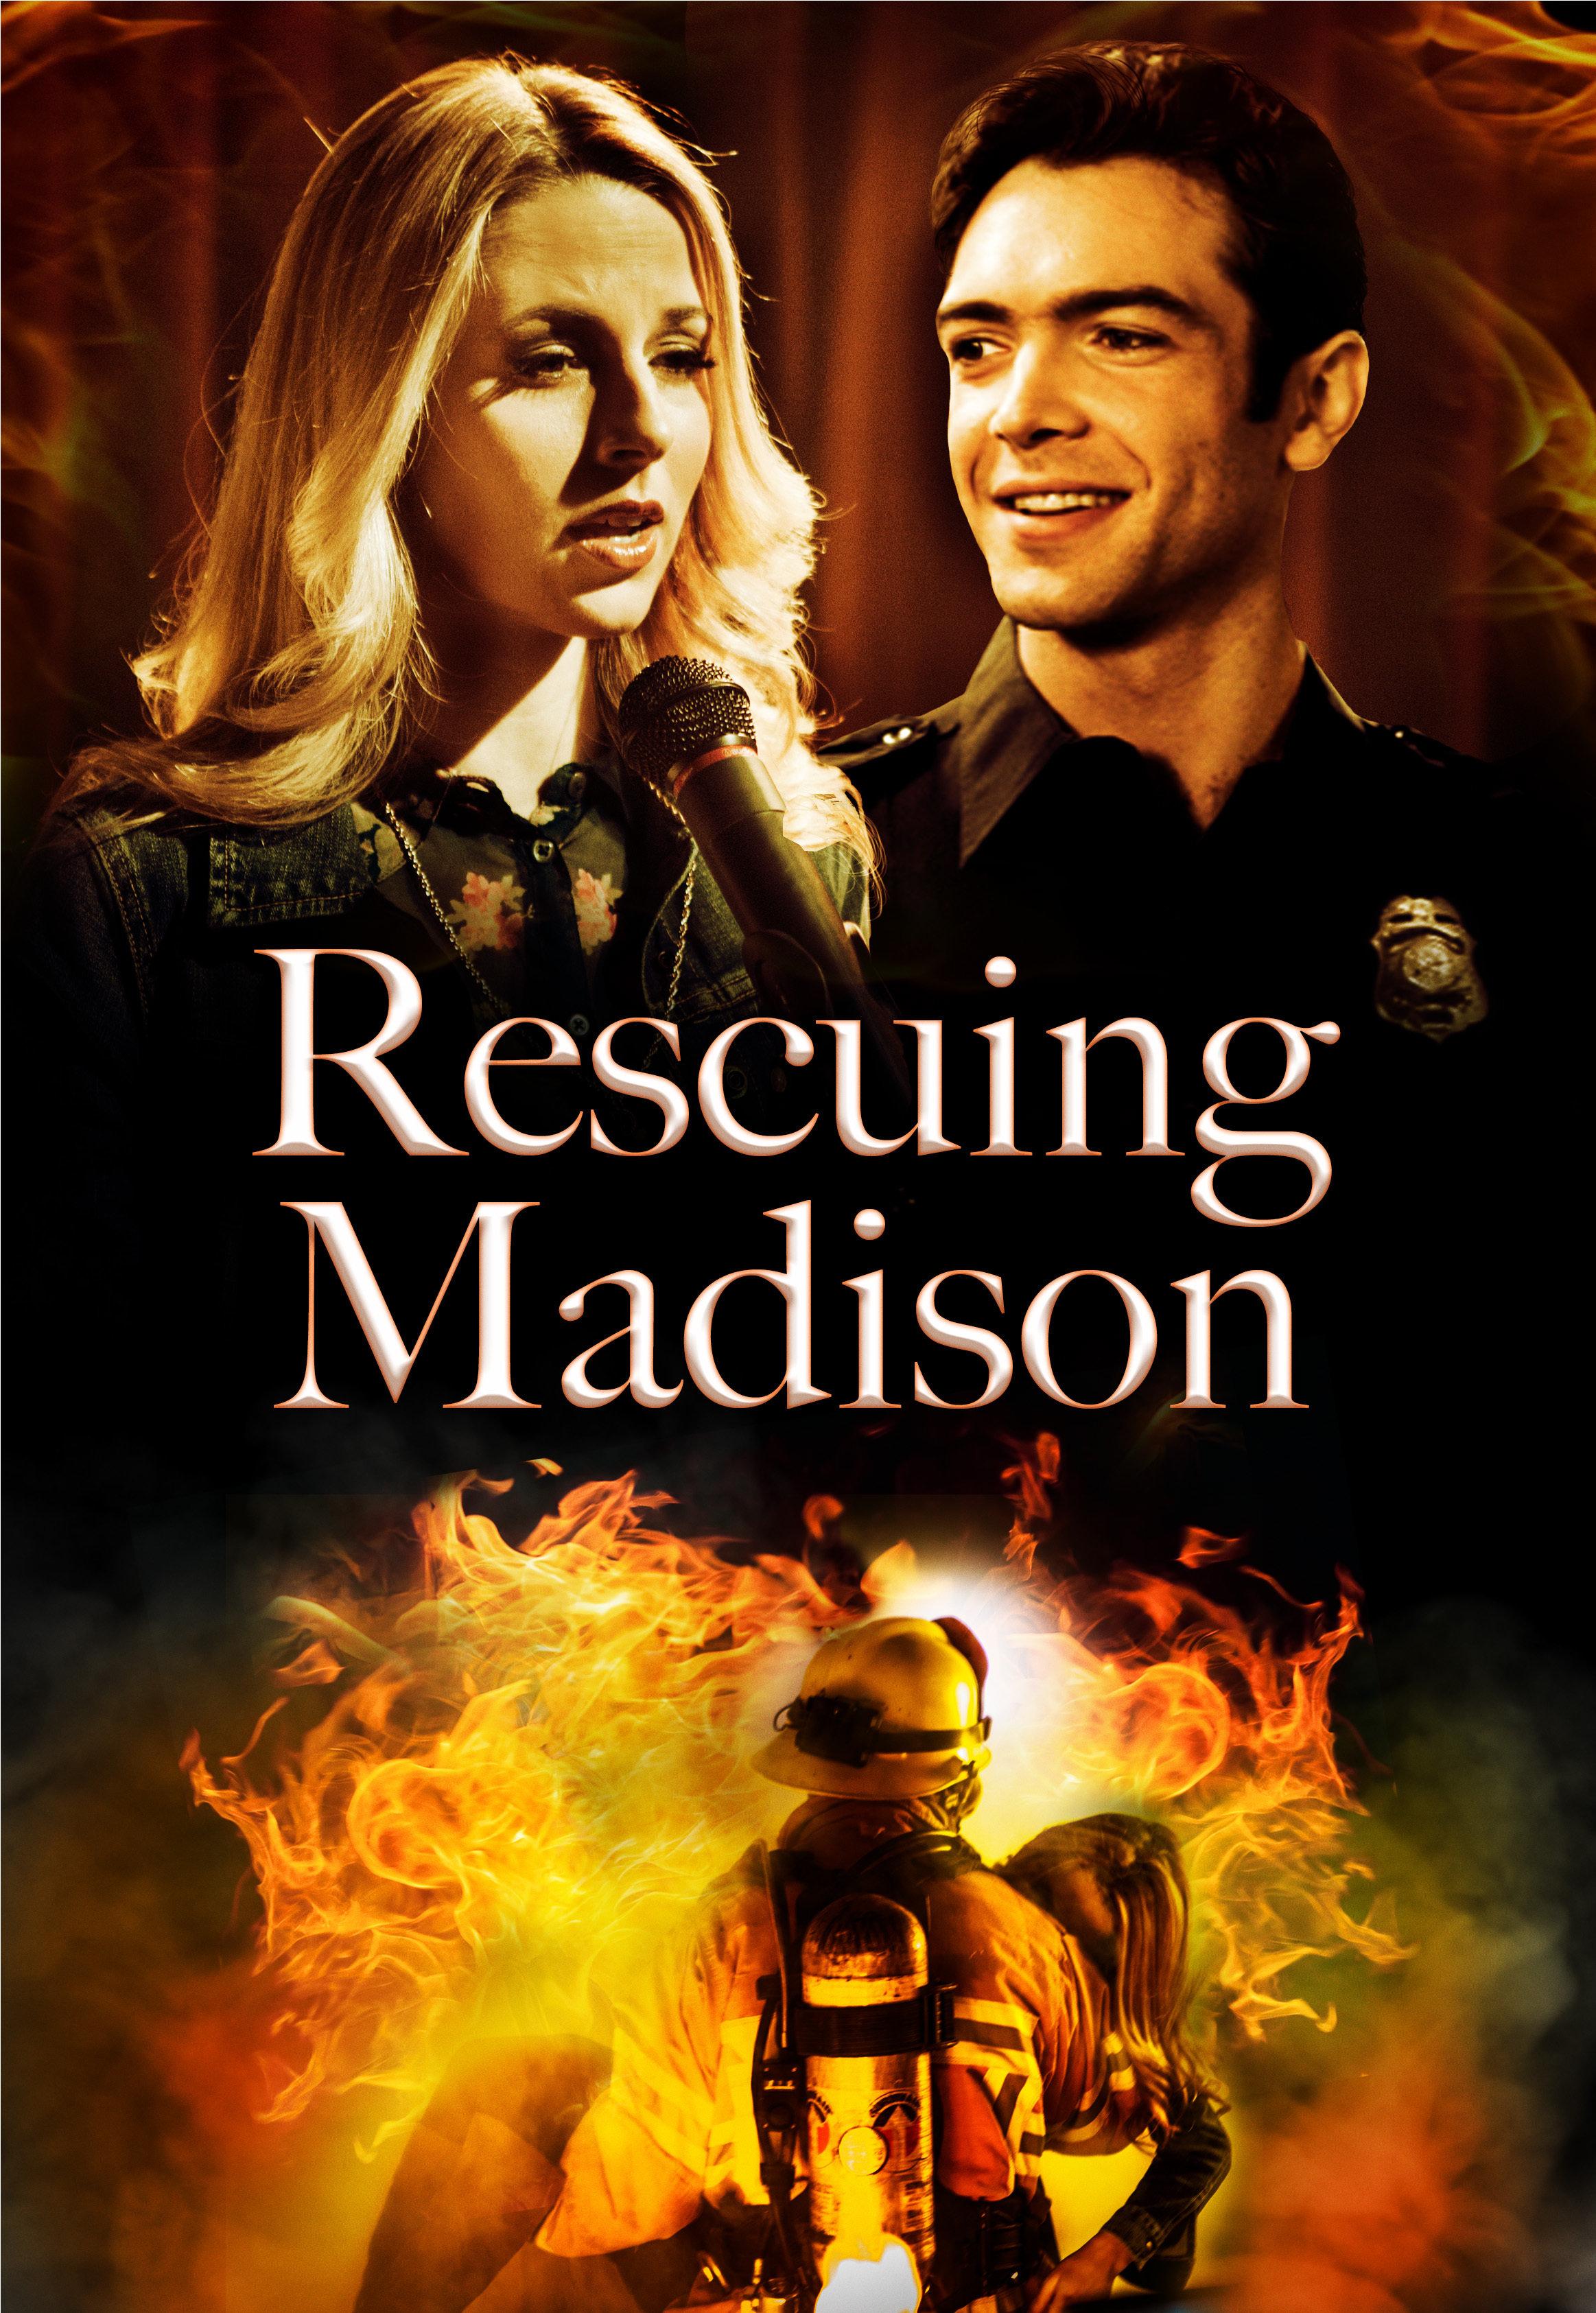 Rescuing Madison kapak